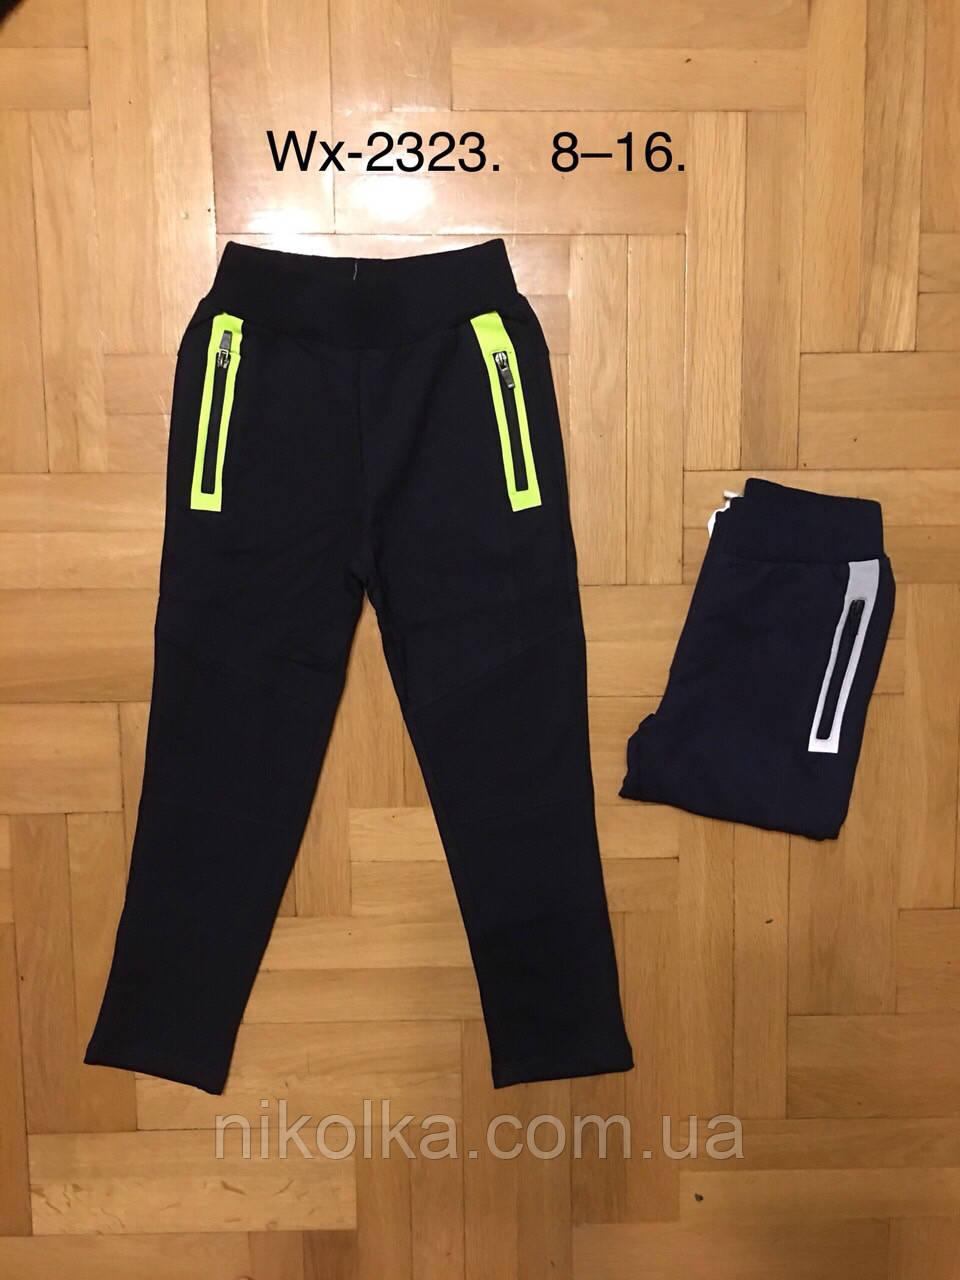 Спортивные брюки для мальчиков оптом, F&D, 8-16 лет, арт. WX-2323